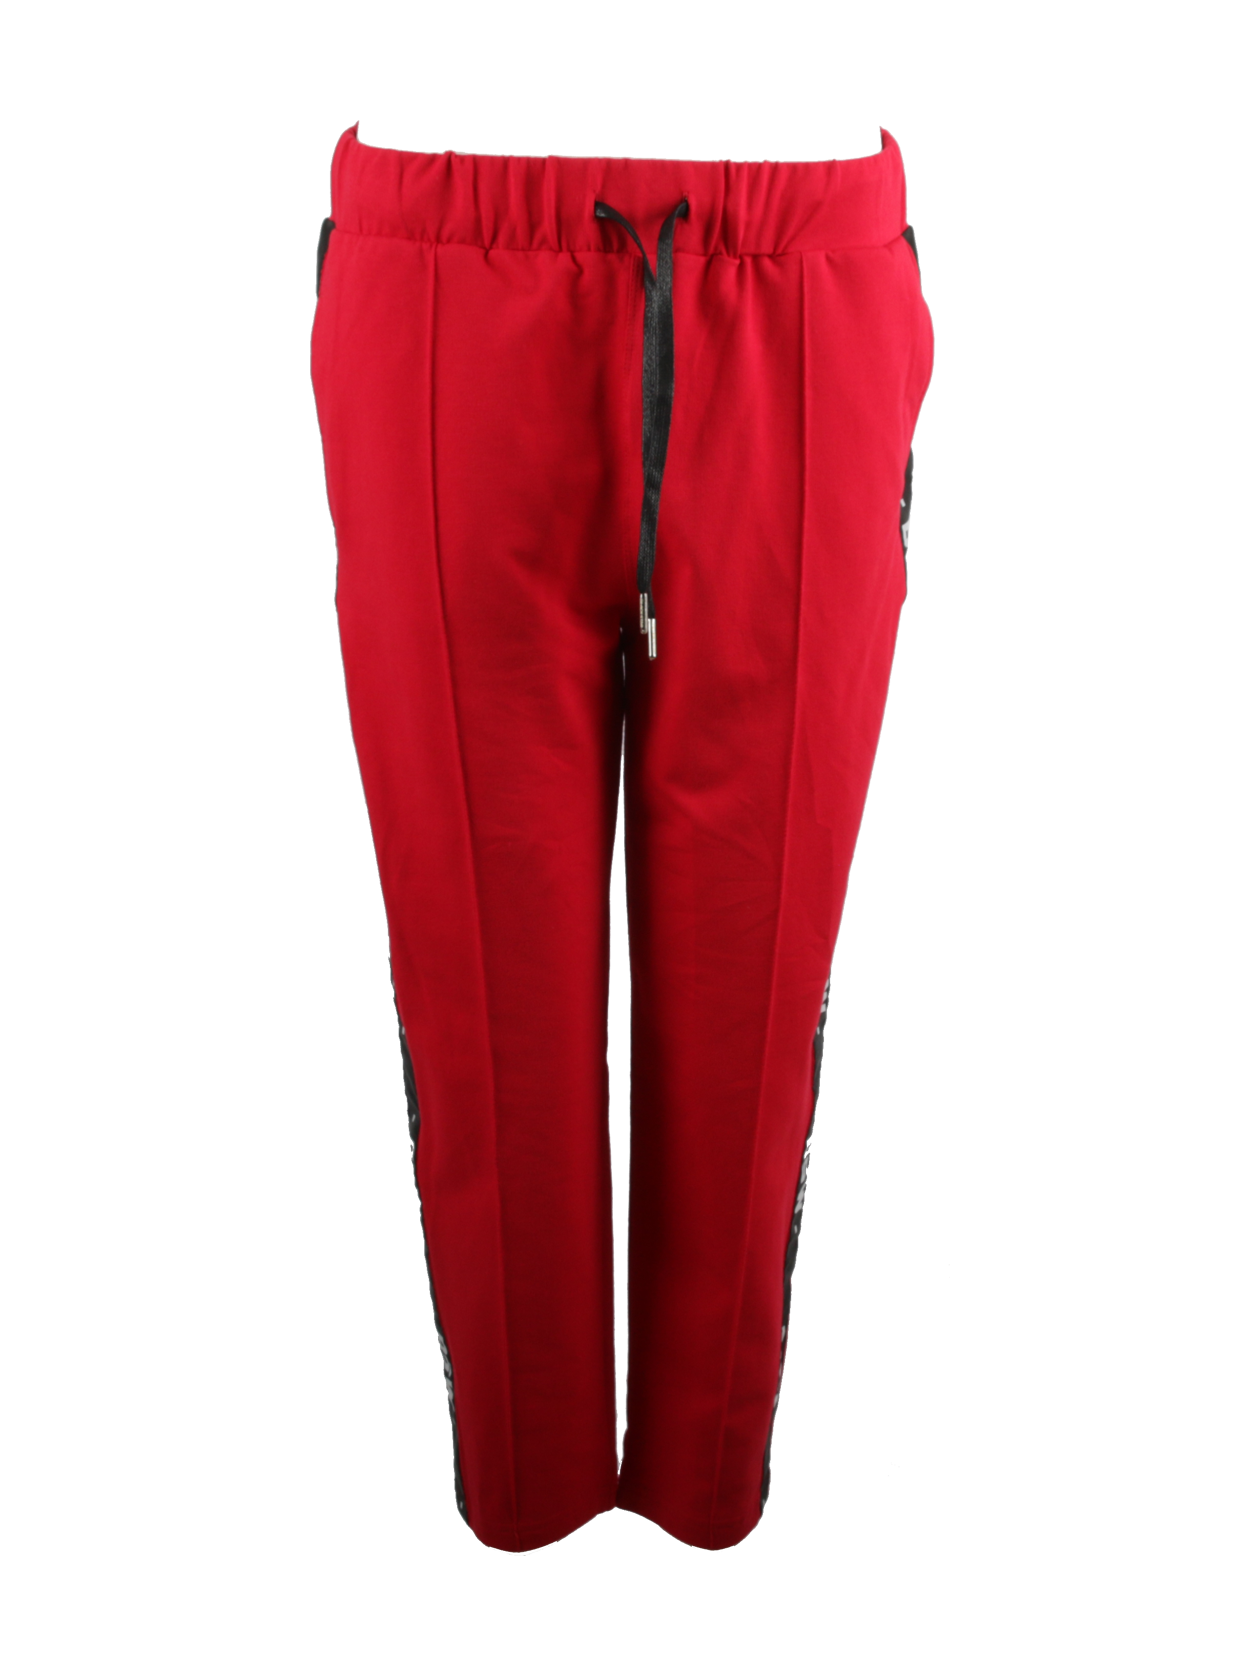 Брюки мужские STRIPE BSЧерные брюки мужские Daily Star – незаменимая вещь в шкафу. Модель лаконичного кроя обладает прямым зауженным к низу силуэтом. Широкий пояс на резинке дополнен завязками для лучшей фиксации по фигуре. Сзади и по бокам внутренние карманы, позволяющие хранить личные предметы. Декоративные элементы дизайна – боковые вставки в виде вертикальных полосок с многочисленными надписями BSW. Брюки мужские изготовлены из высококачественного натурального материала на основе хлопка. Идеально подходят для спорта, отдыха и на каждый день.<br><br>Размер: L<br>Цвет: Красный<br>Пол: Мужской